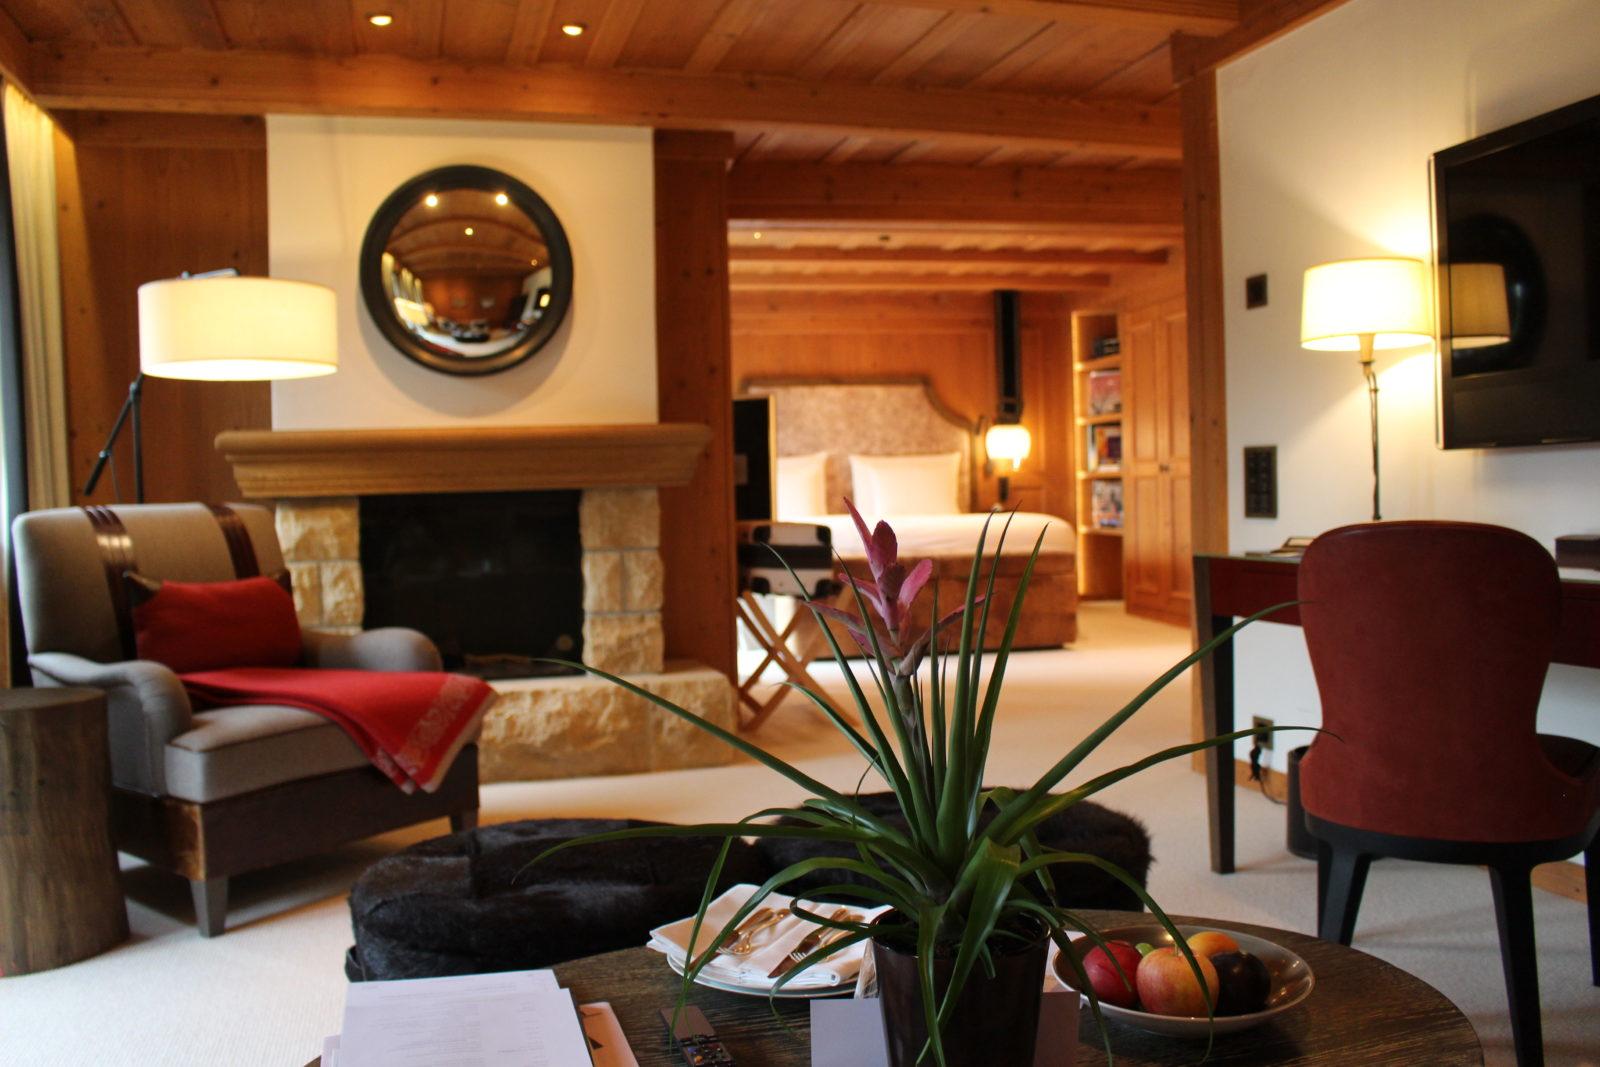 Hôtel Alpina Gstaad salon suite